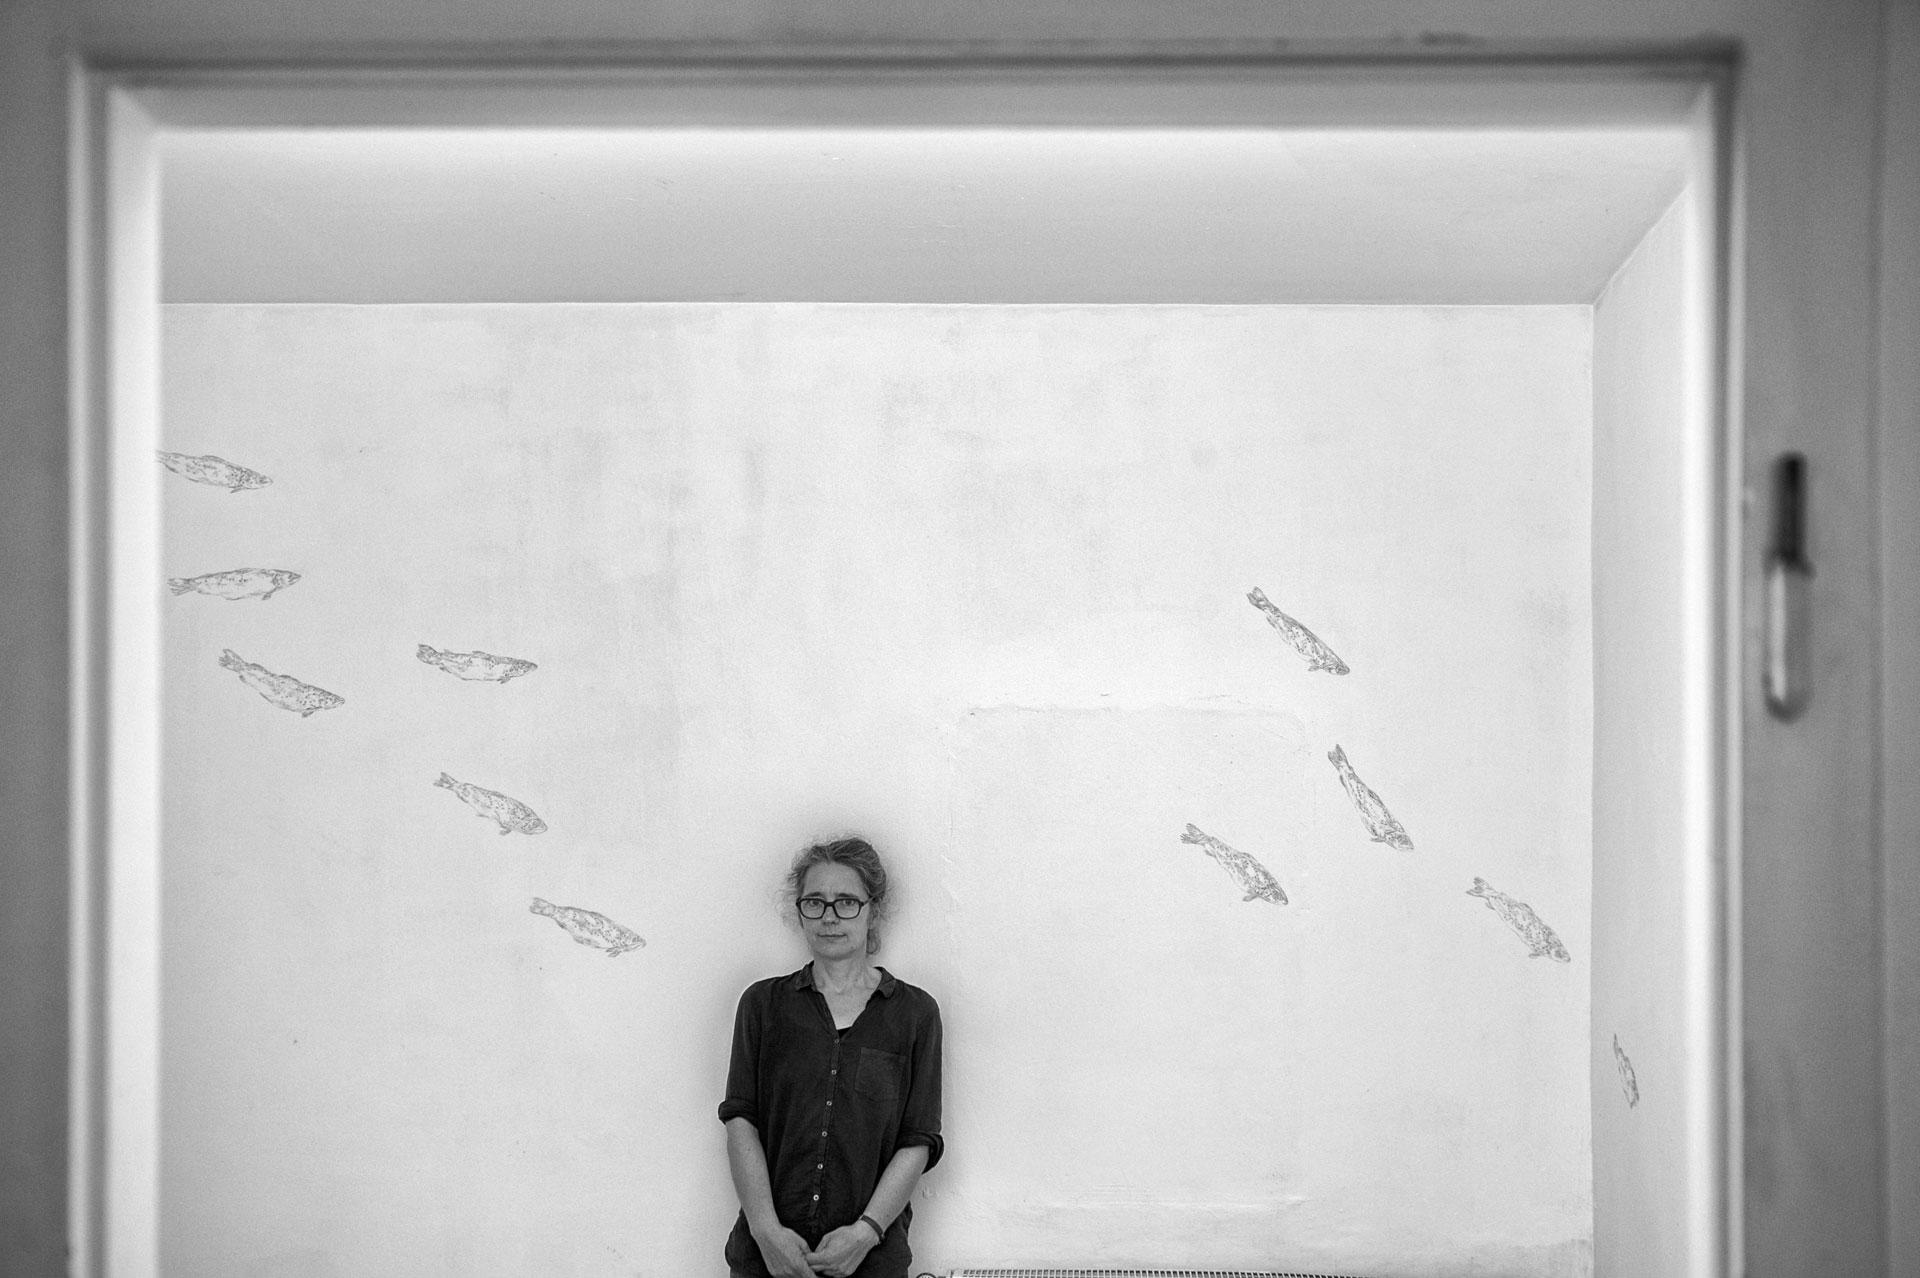 Wandzeichnung, 2013, Galerie-Zement, Frankfurt am Main